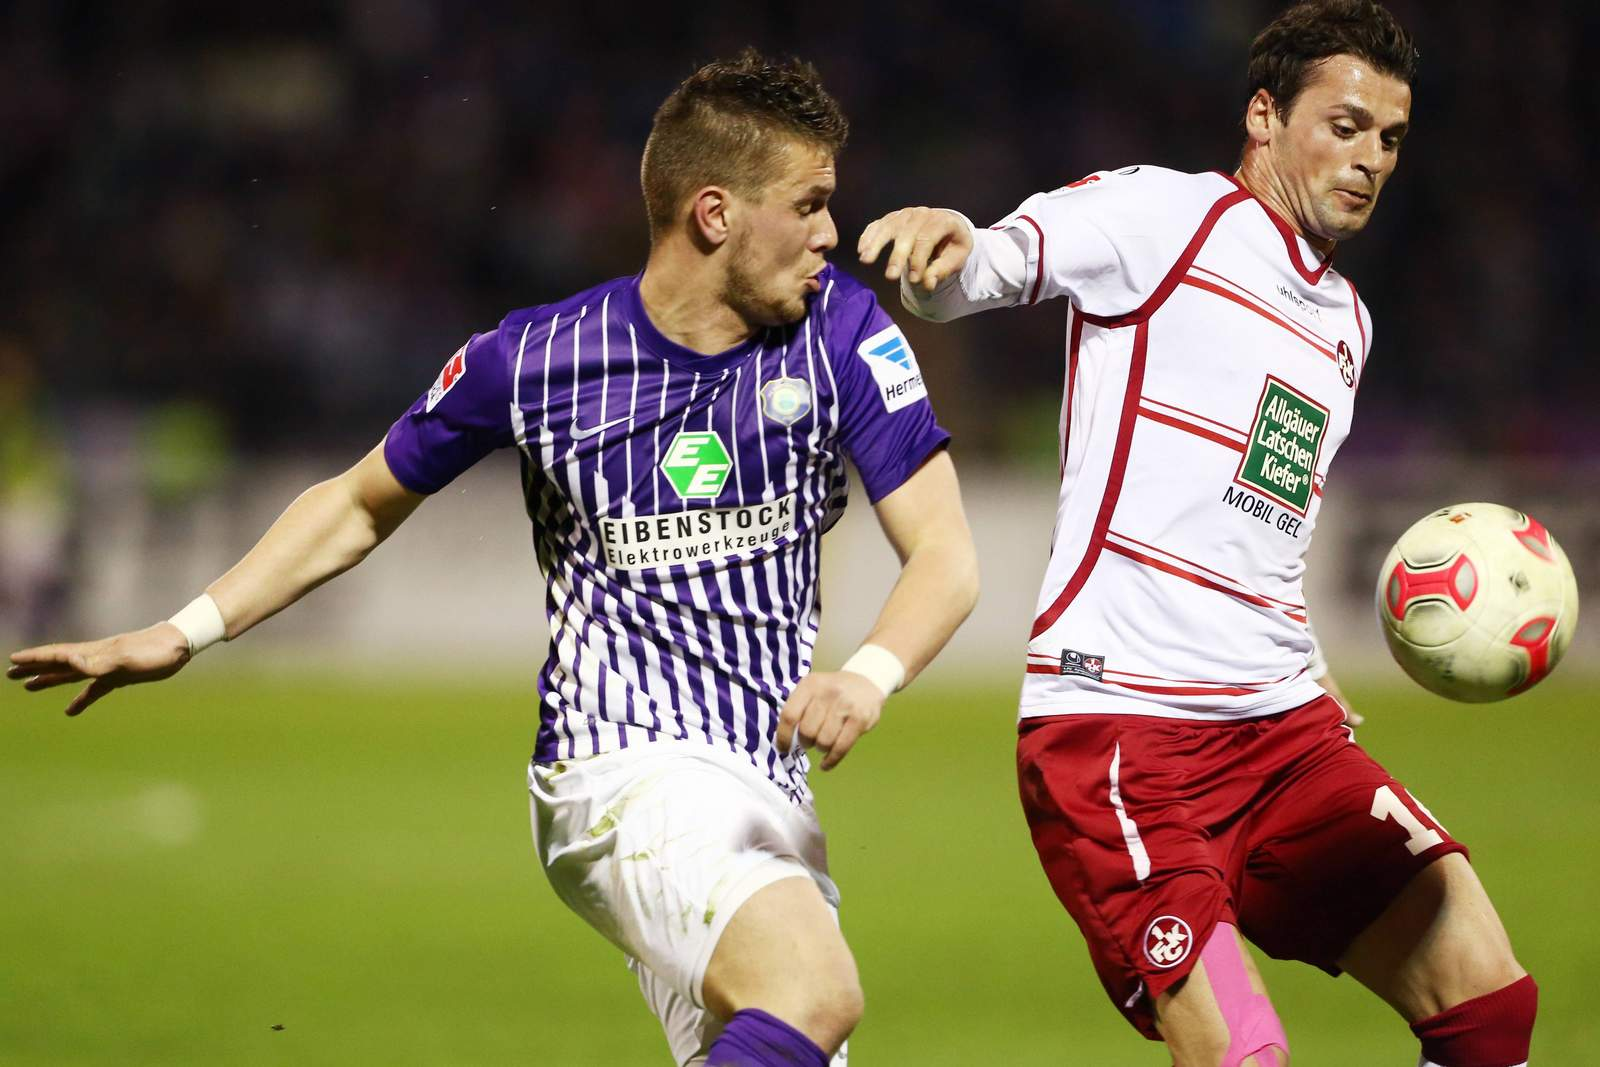 Albert Bunjaku vom 1.FC Kaiserslautern